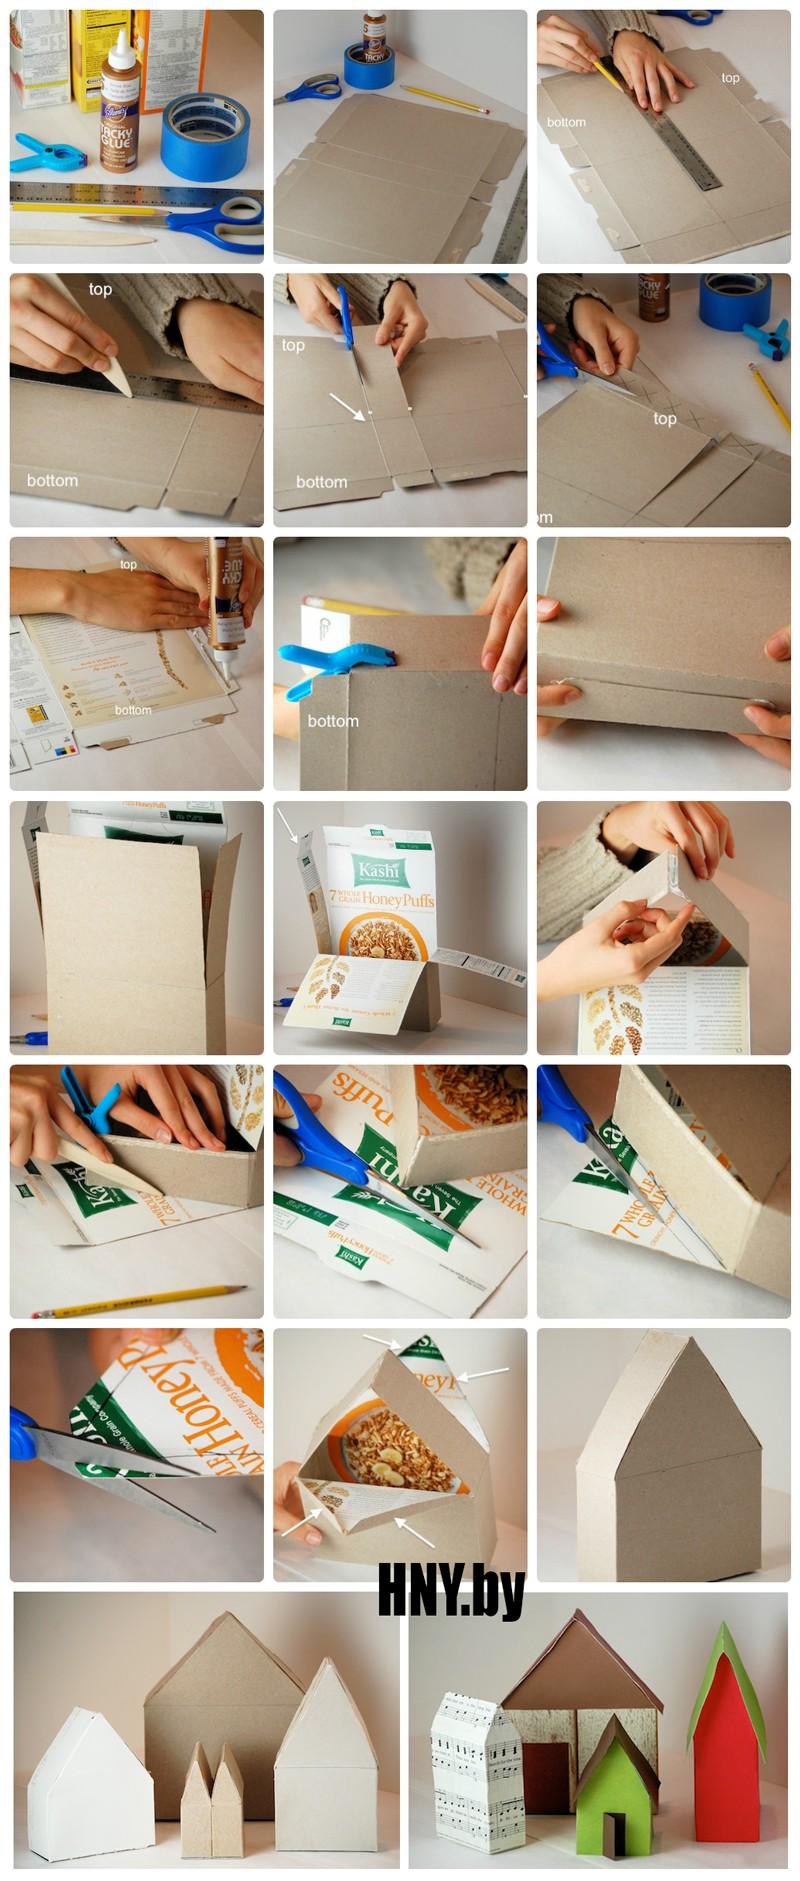 Как сделать домик своими руками из коробки из-под хлопьев: пошаговый мастер класс